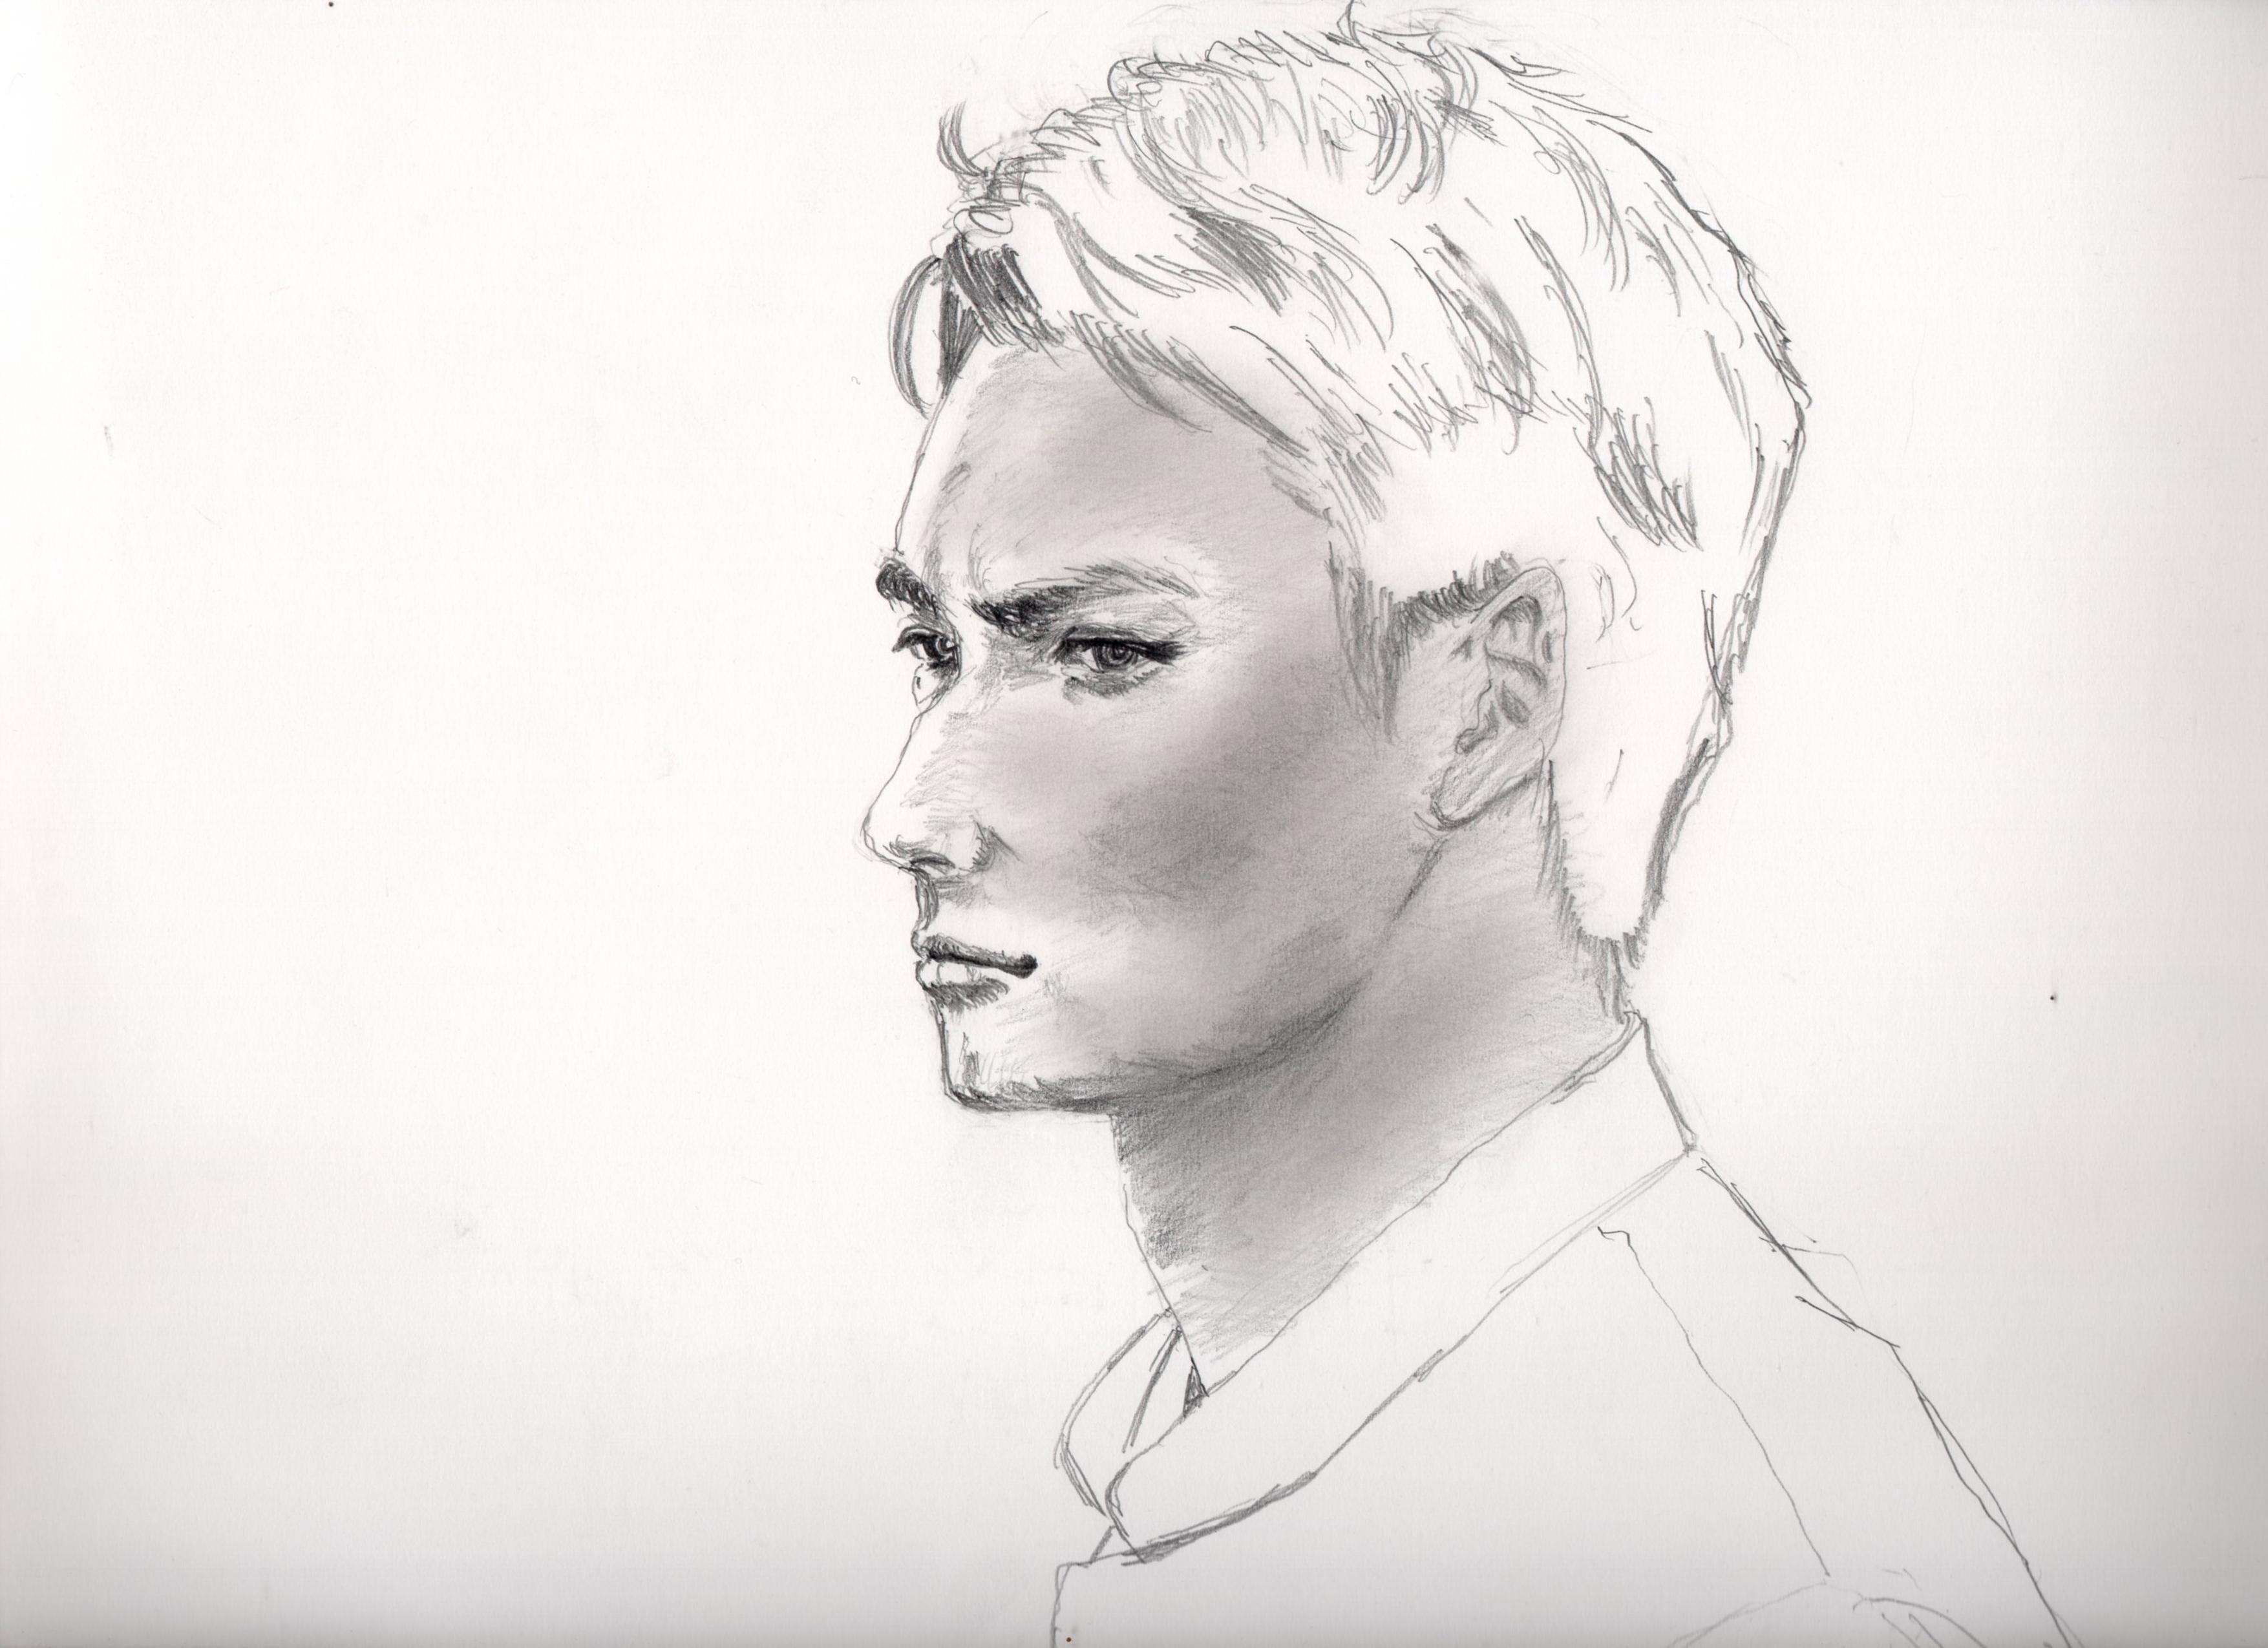 岡田 将生の鉛筆画似顔絵途中経過